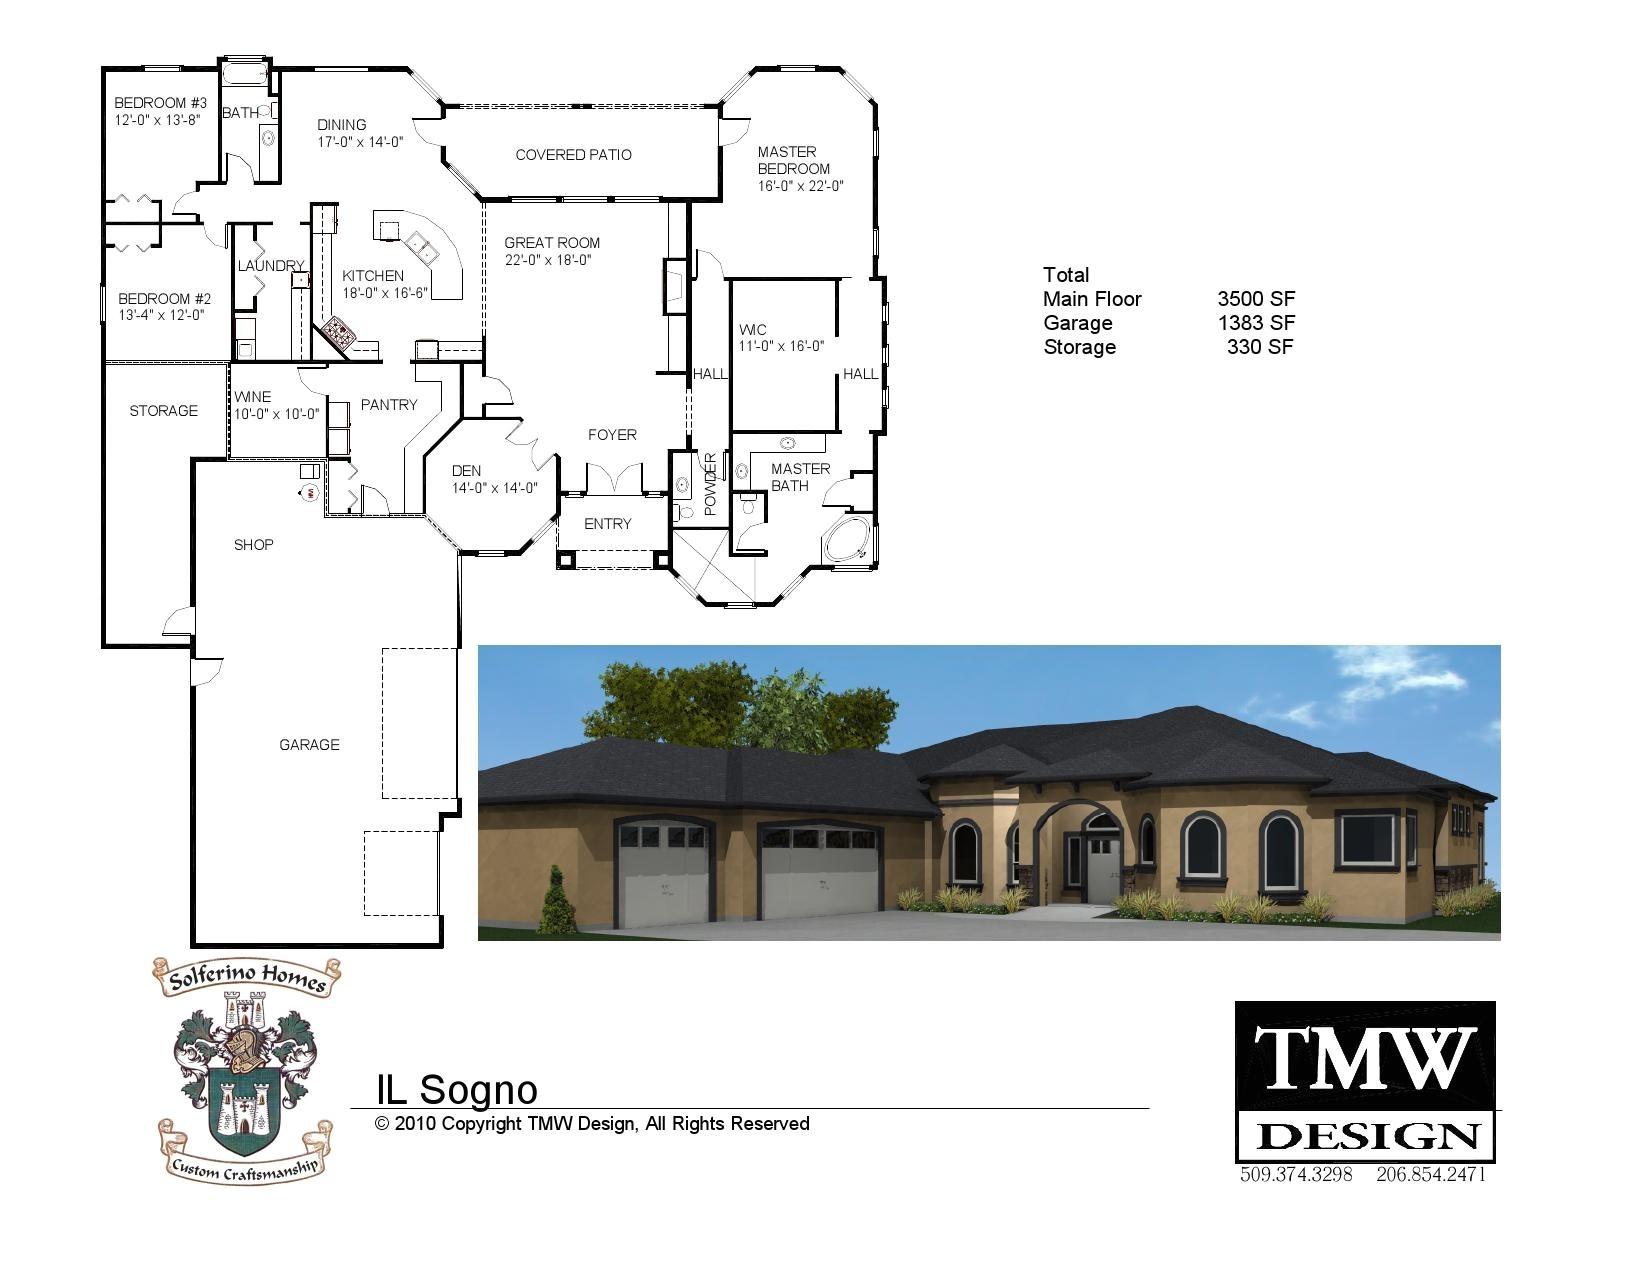 9397 rambler floor plans with basement mn